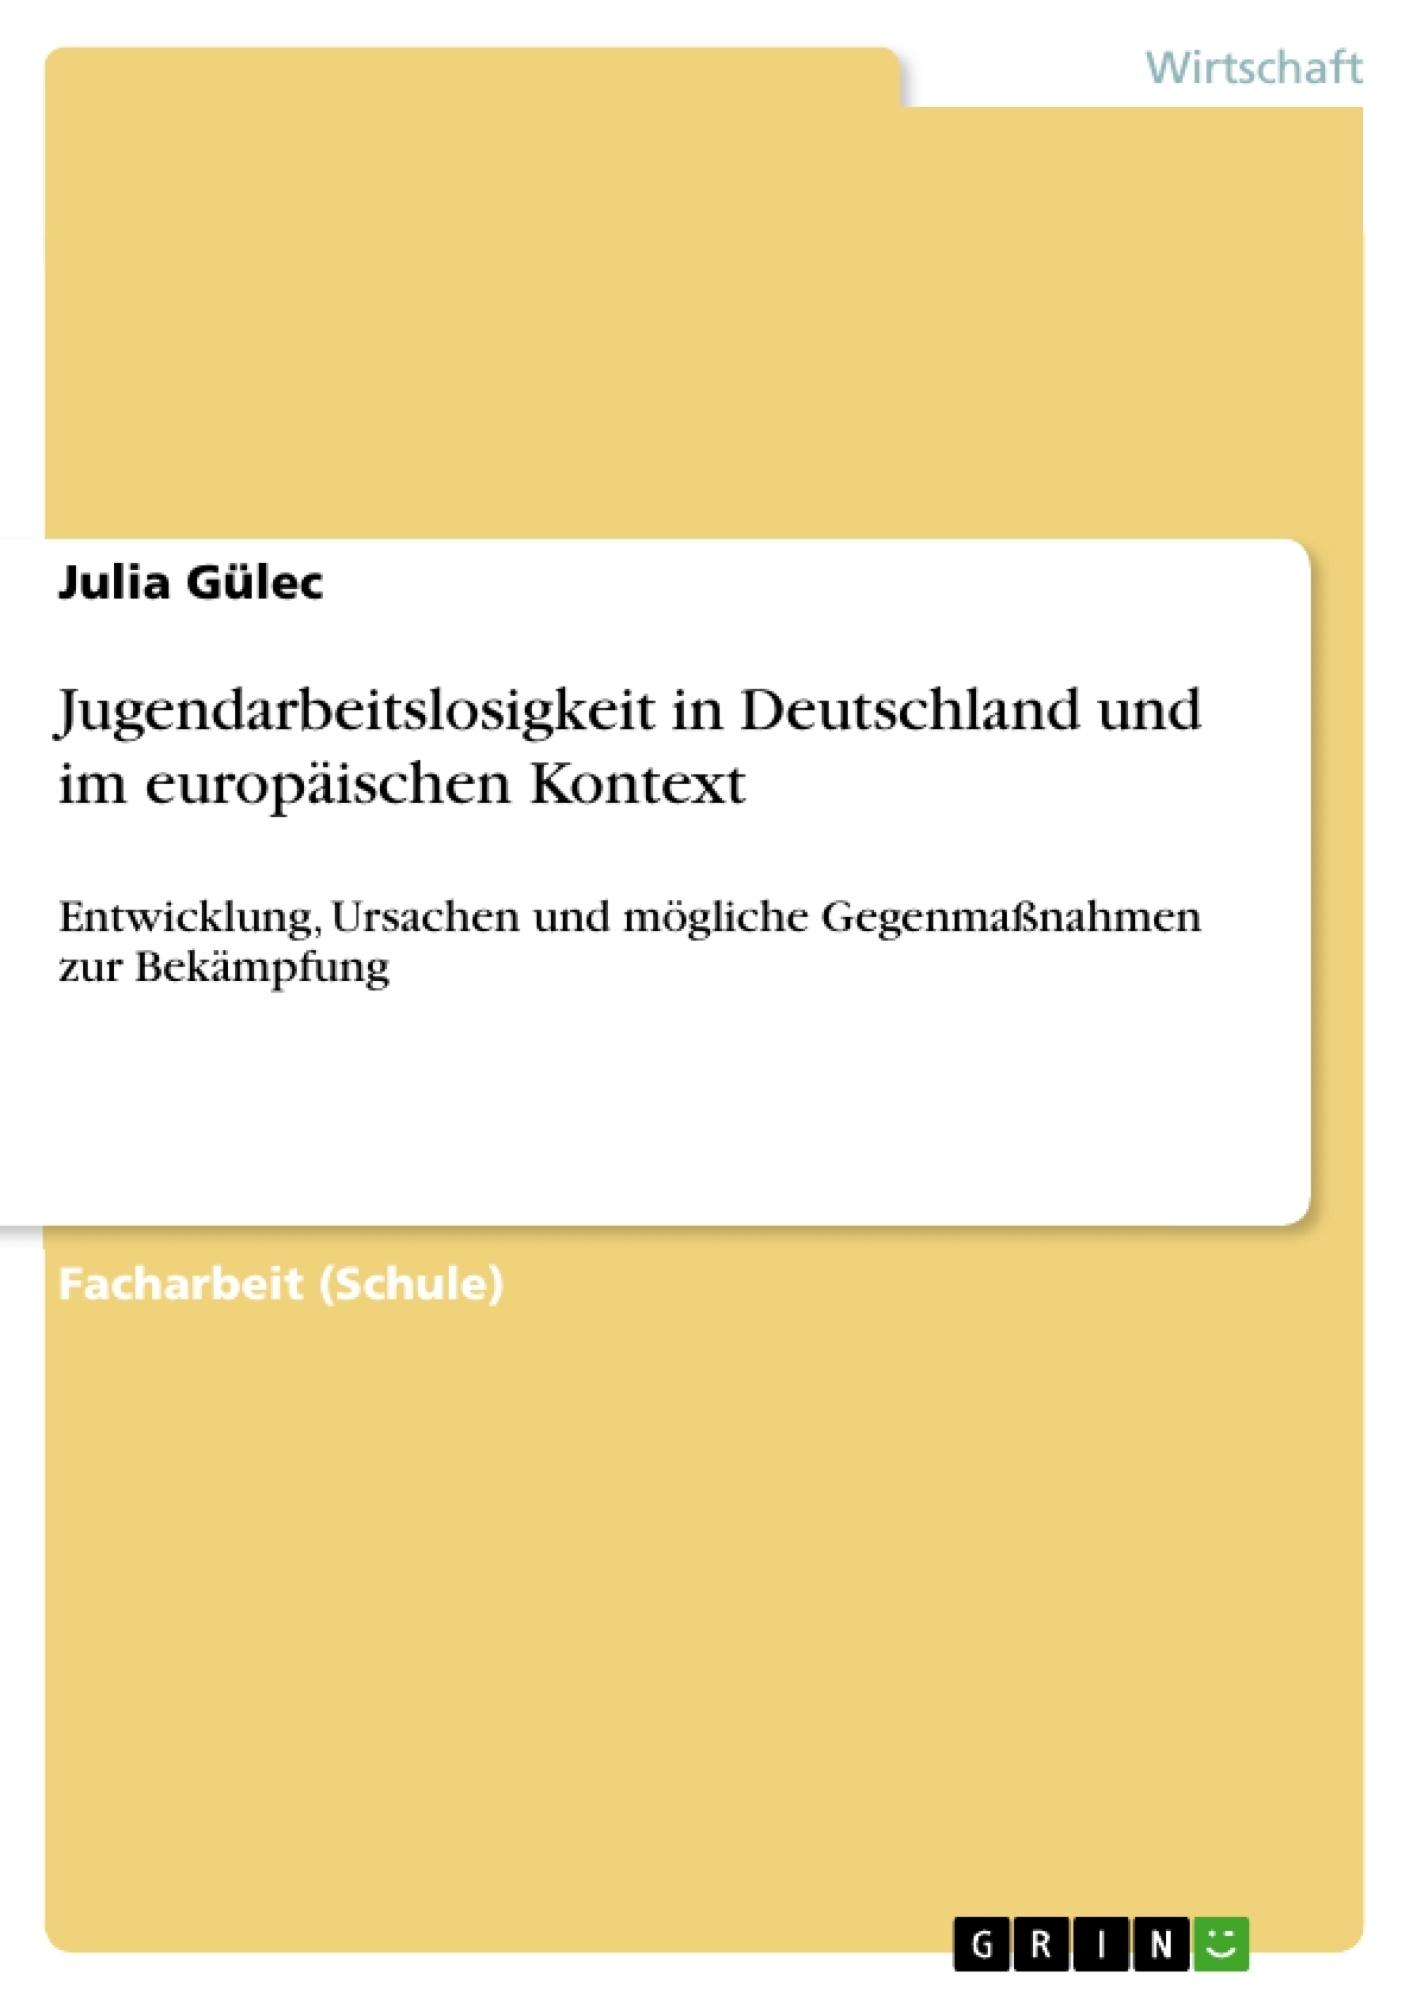 Titel: Jugendarbeitslosigkeit in Deutschland und im europäischen Kontext